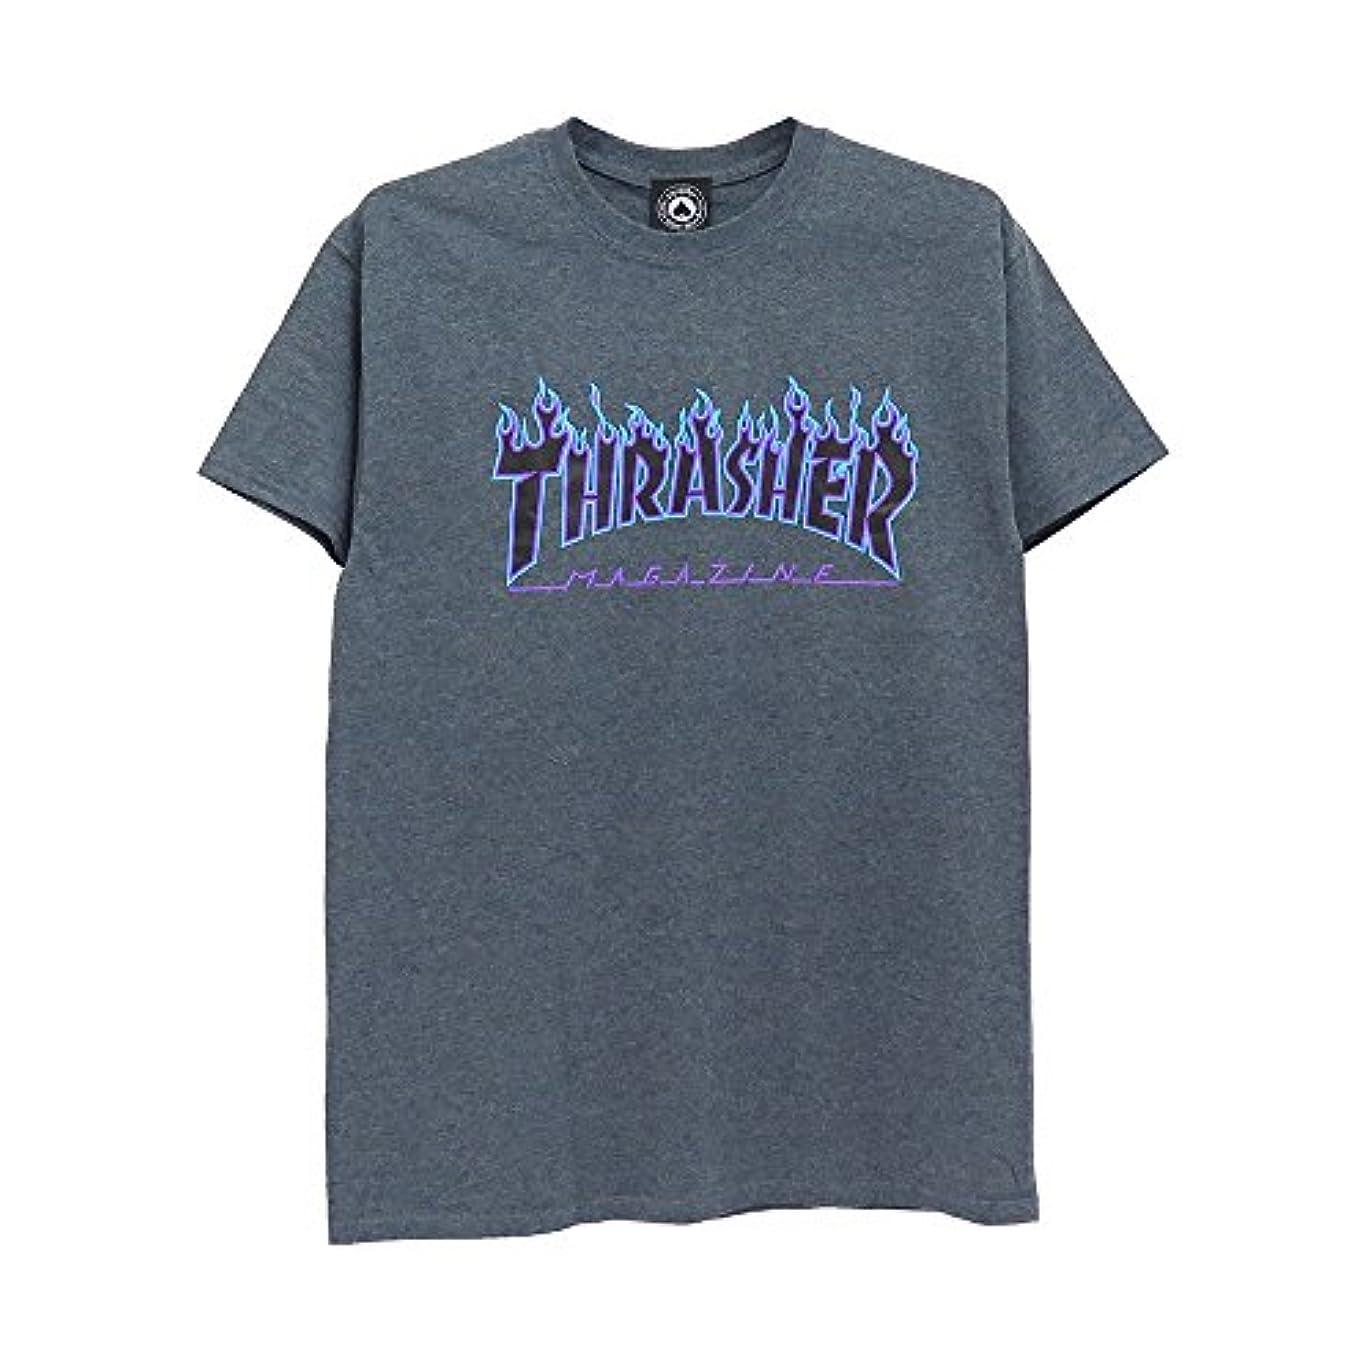 夢中より平らな厄介なTHRASHER T-SHIRT スラッシャー Tシャツ FLAME LOGO HEATHER